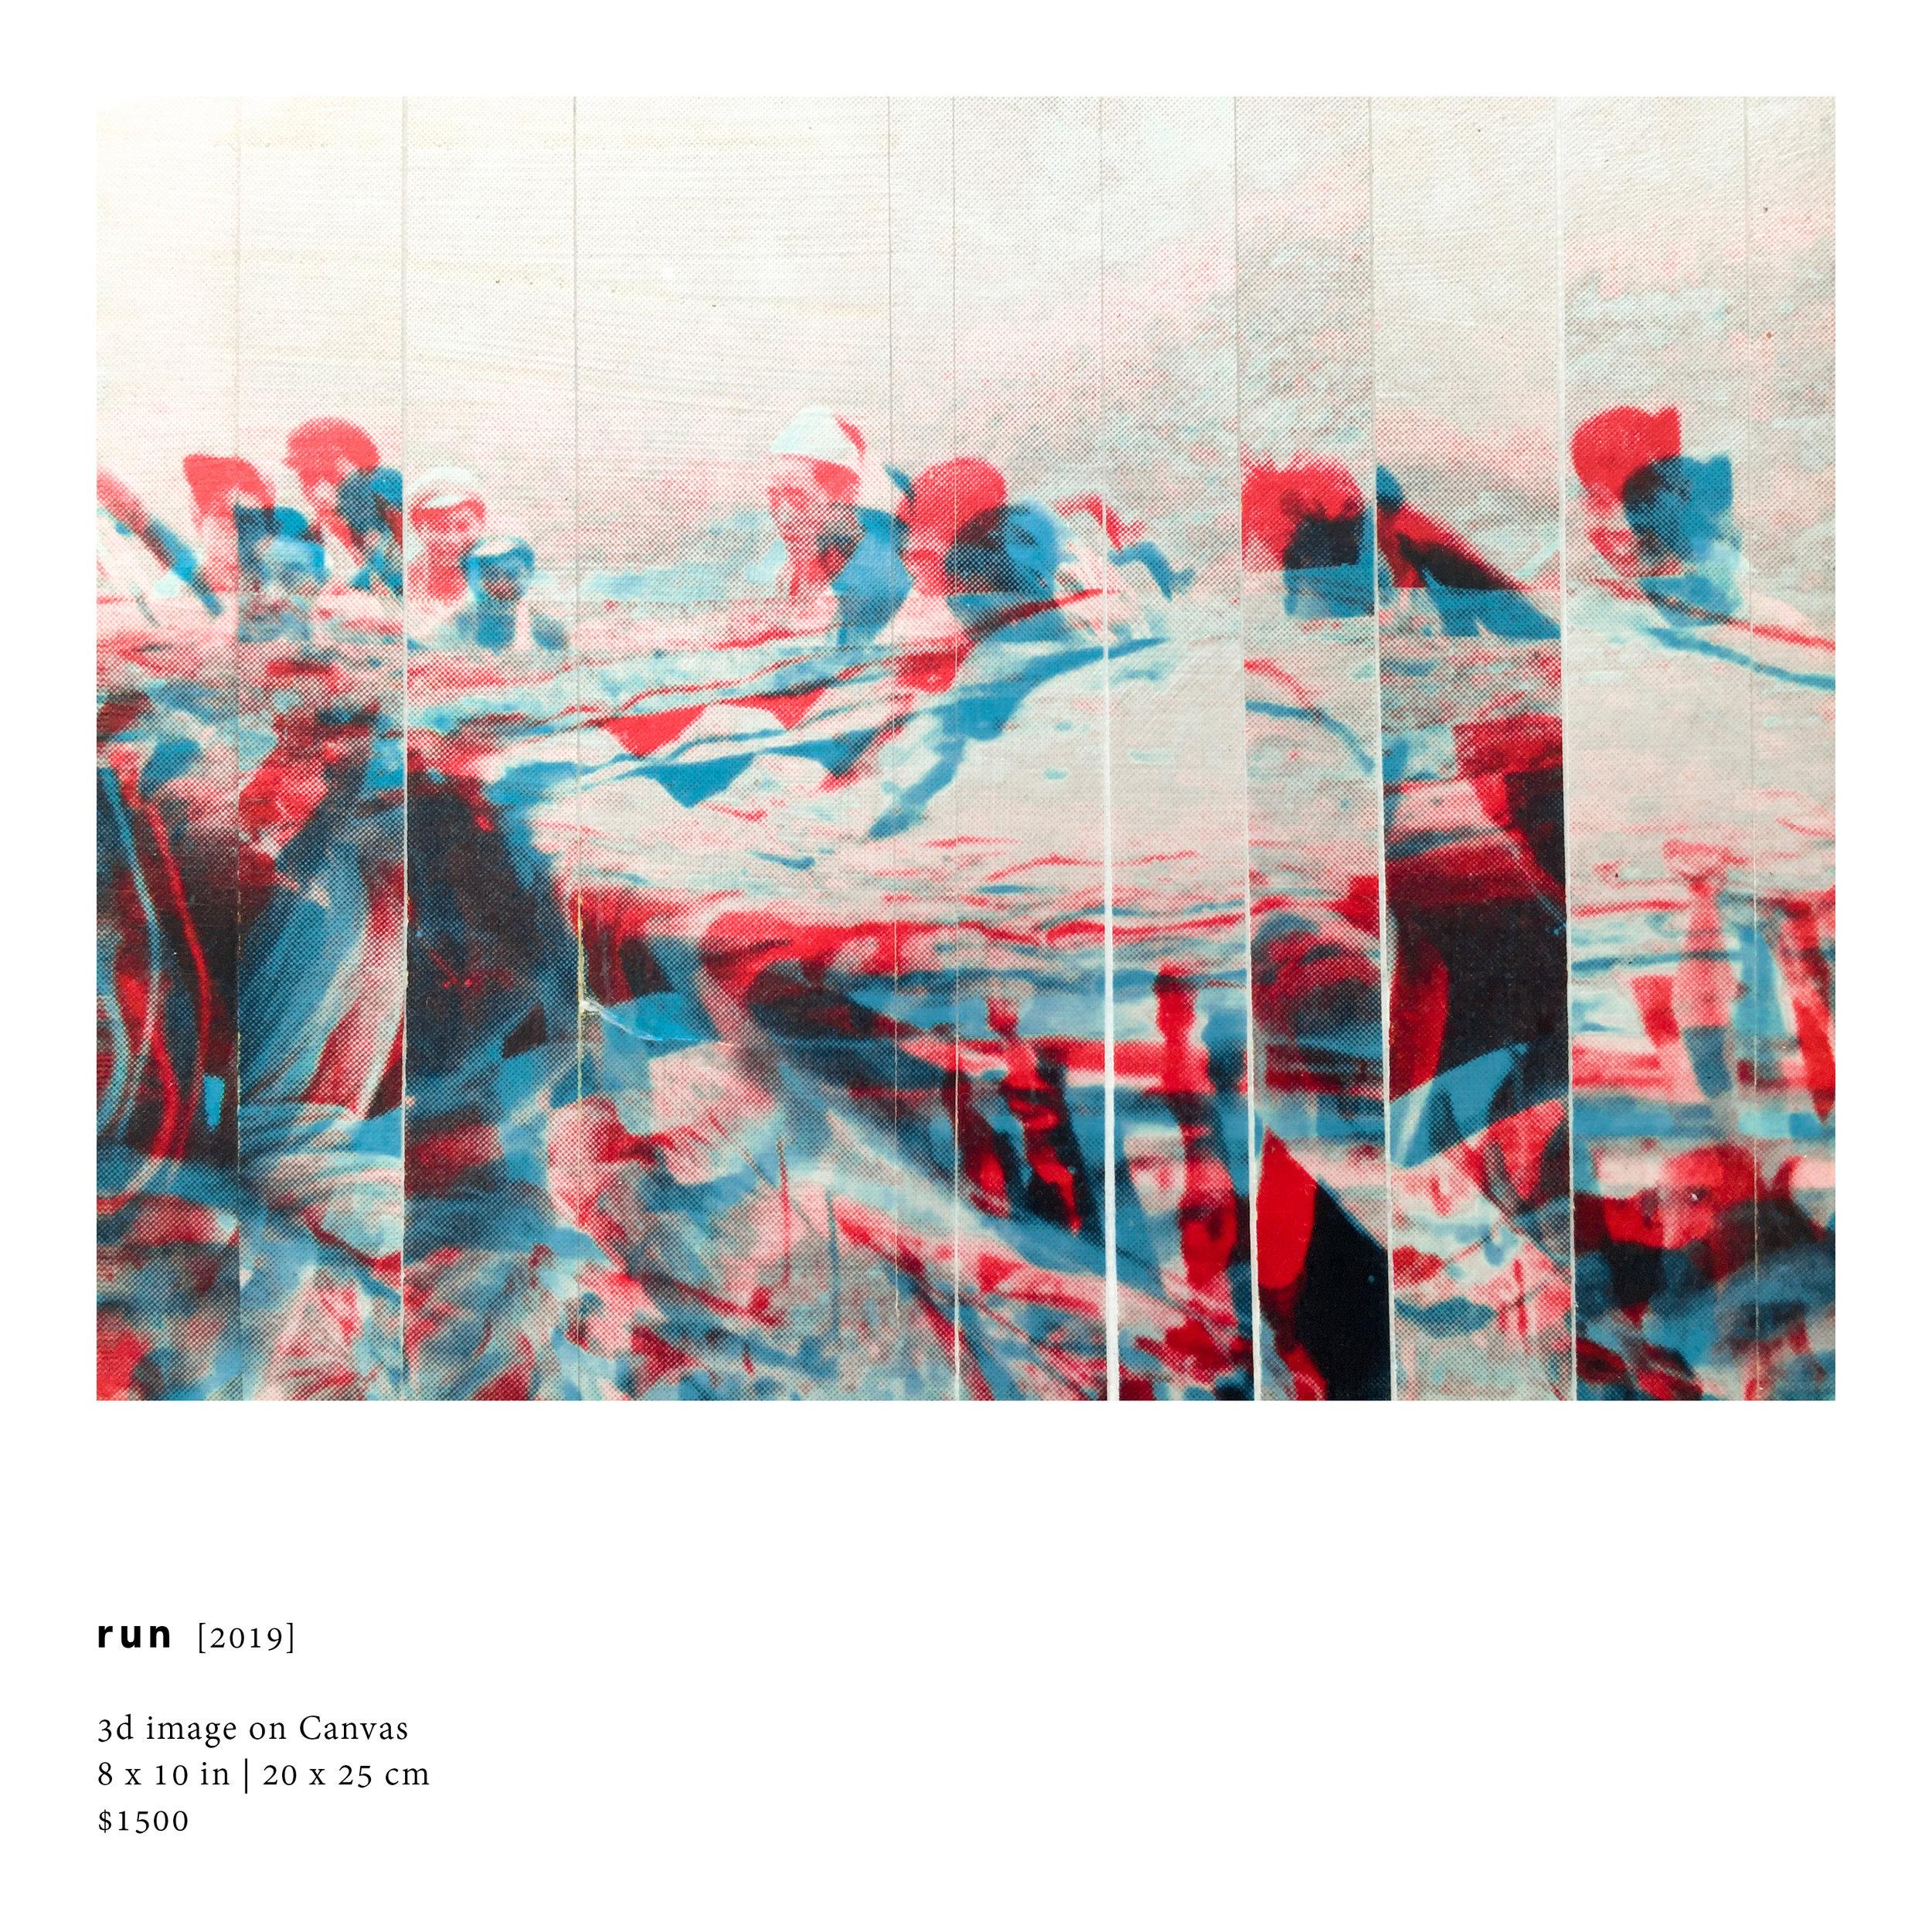 Faena-Inventory-HEYDT-March201956.jpg